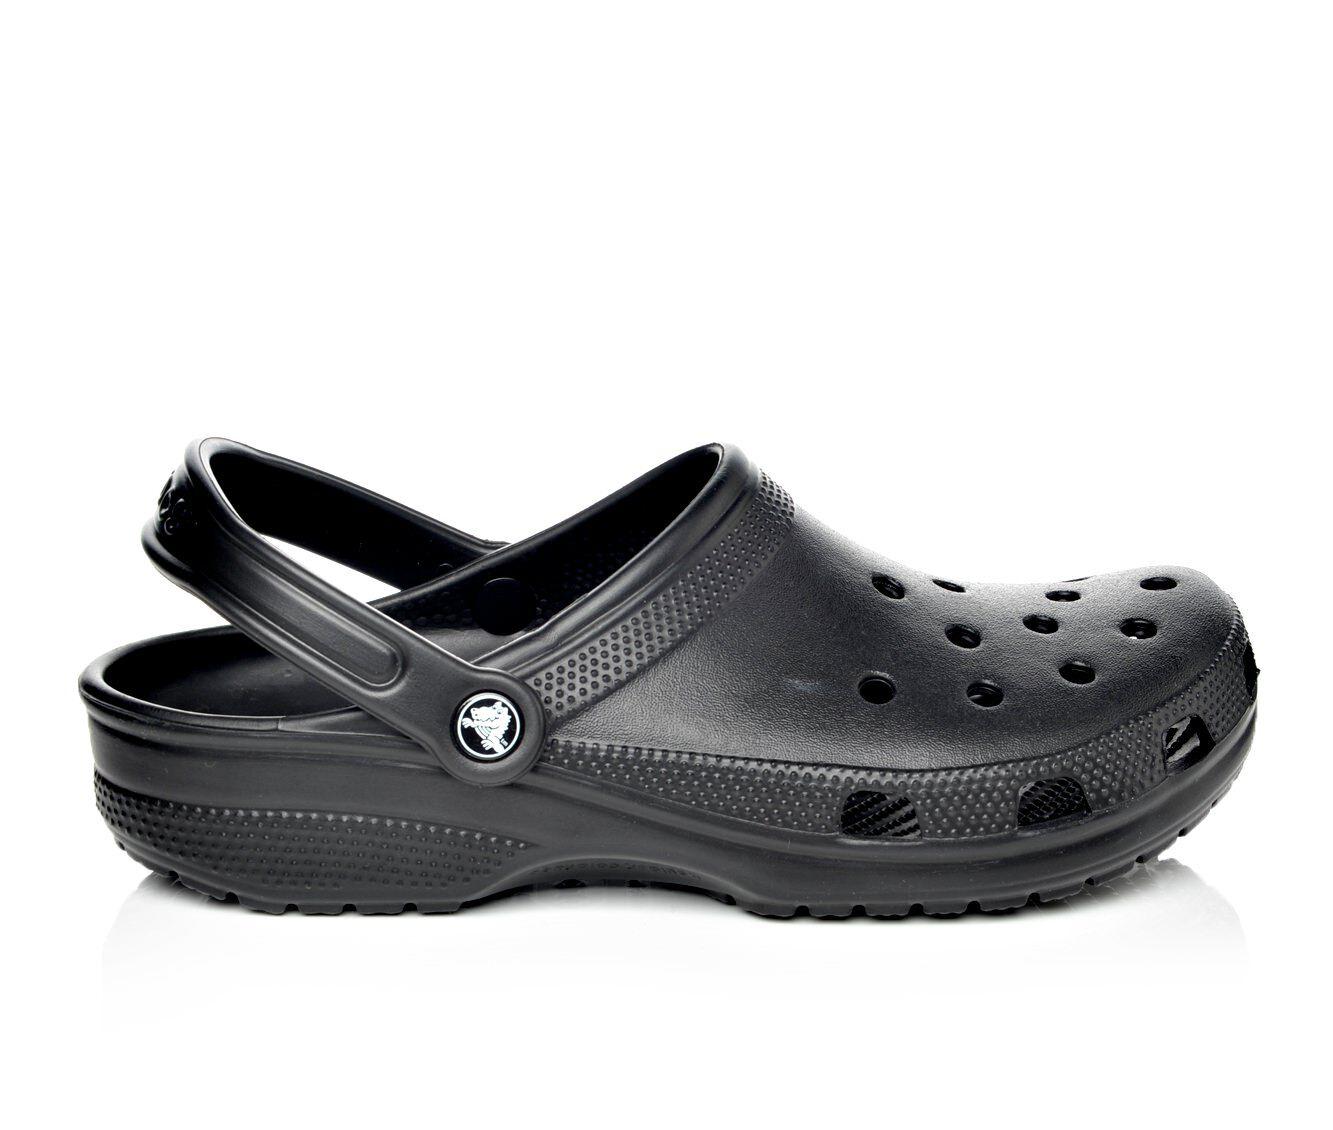 Men's Crocs Classic-Mens Clogs Black